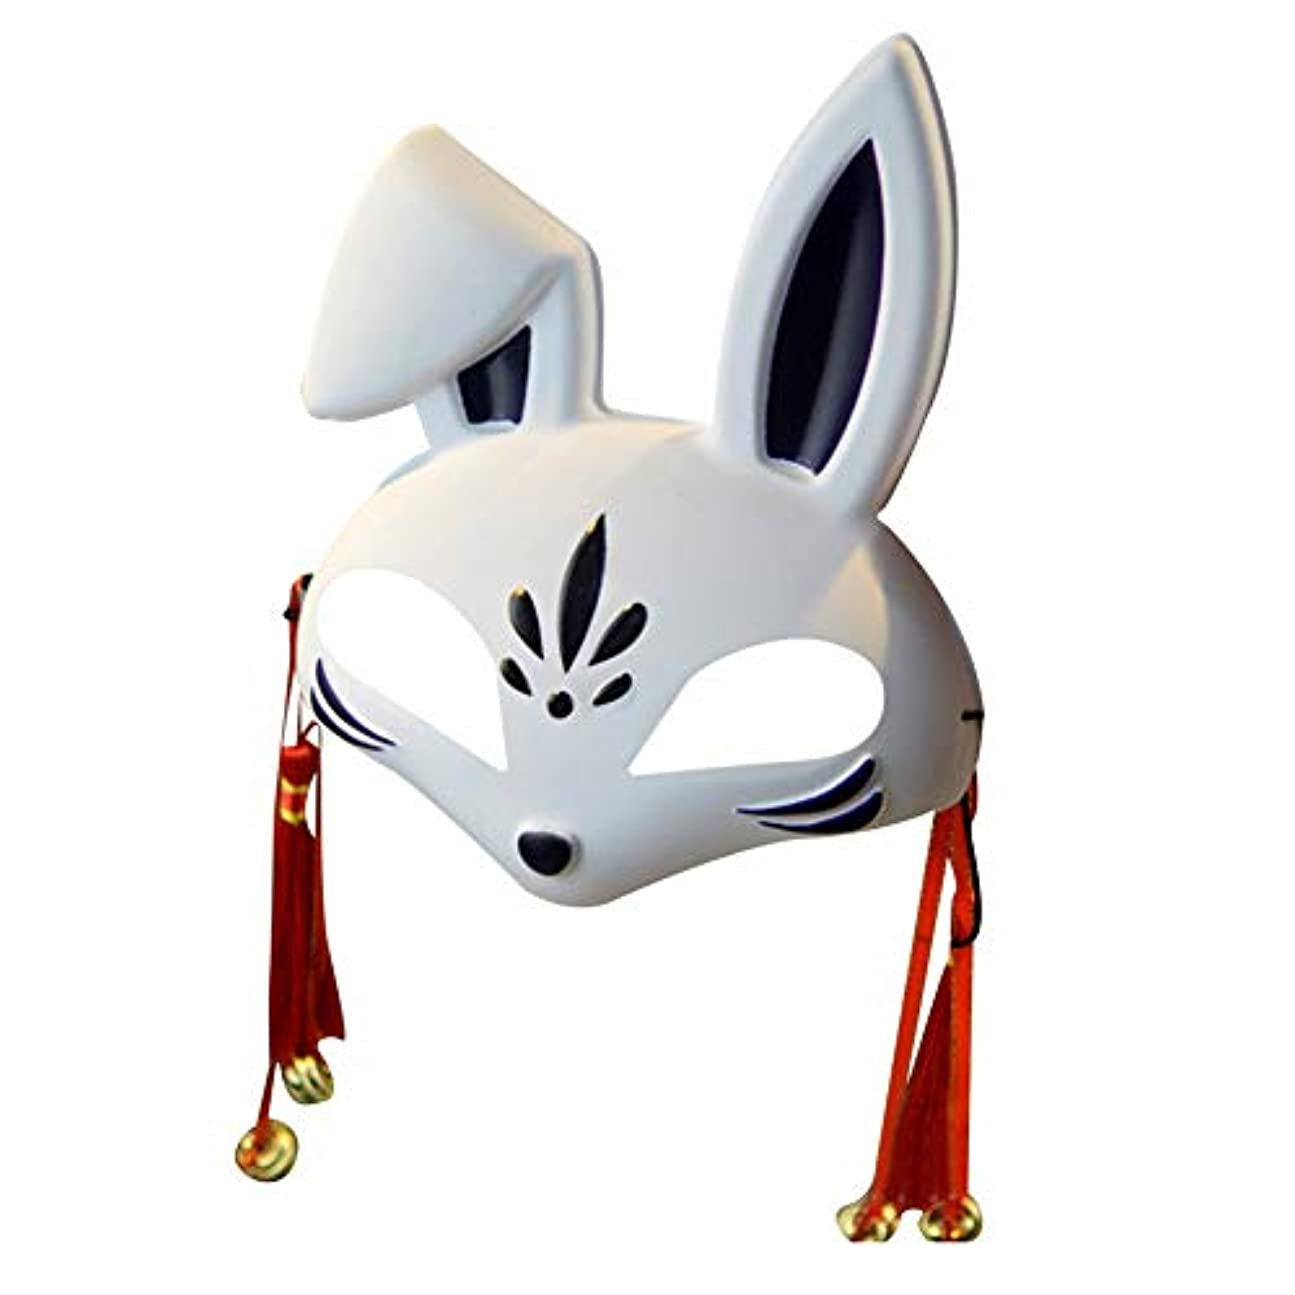 KISSION 手描きのマスク 仮面舞踏会マスク うさぎマスク 半顔 ロールプレイングマスク ハロウィーン仮装衣装 PVCストリートダンスマスク